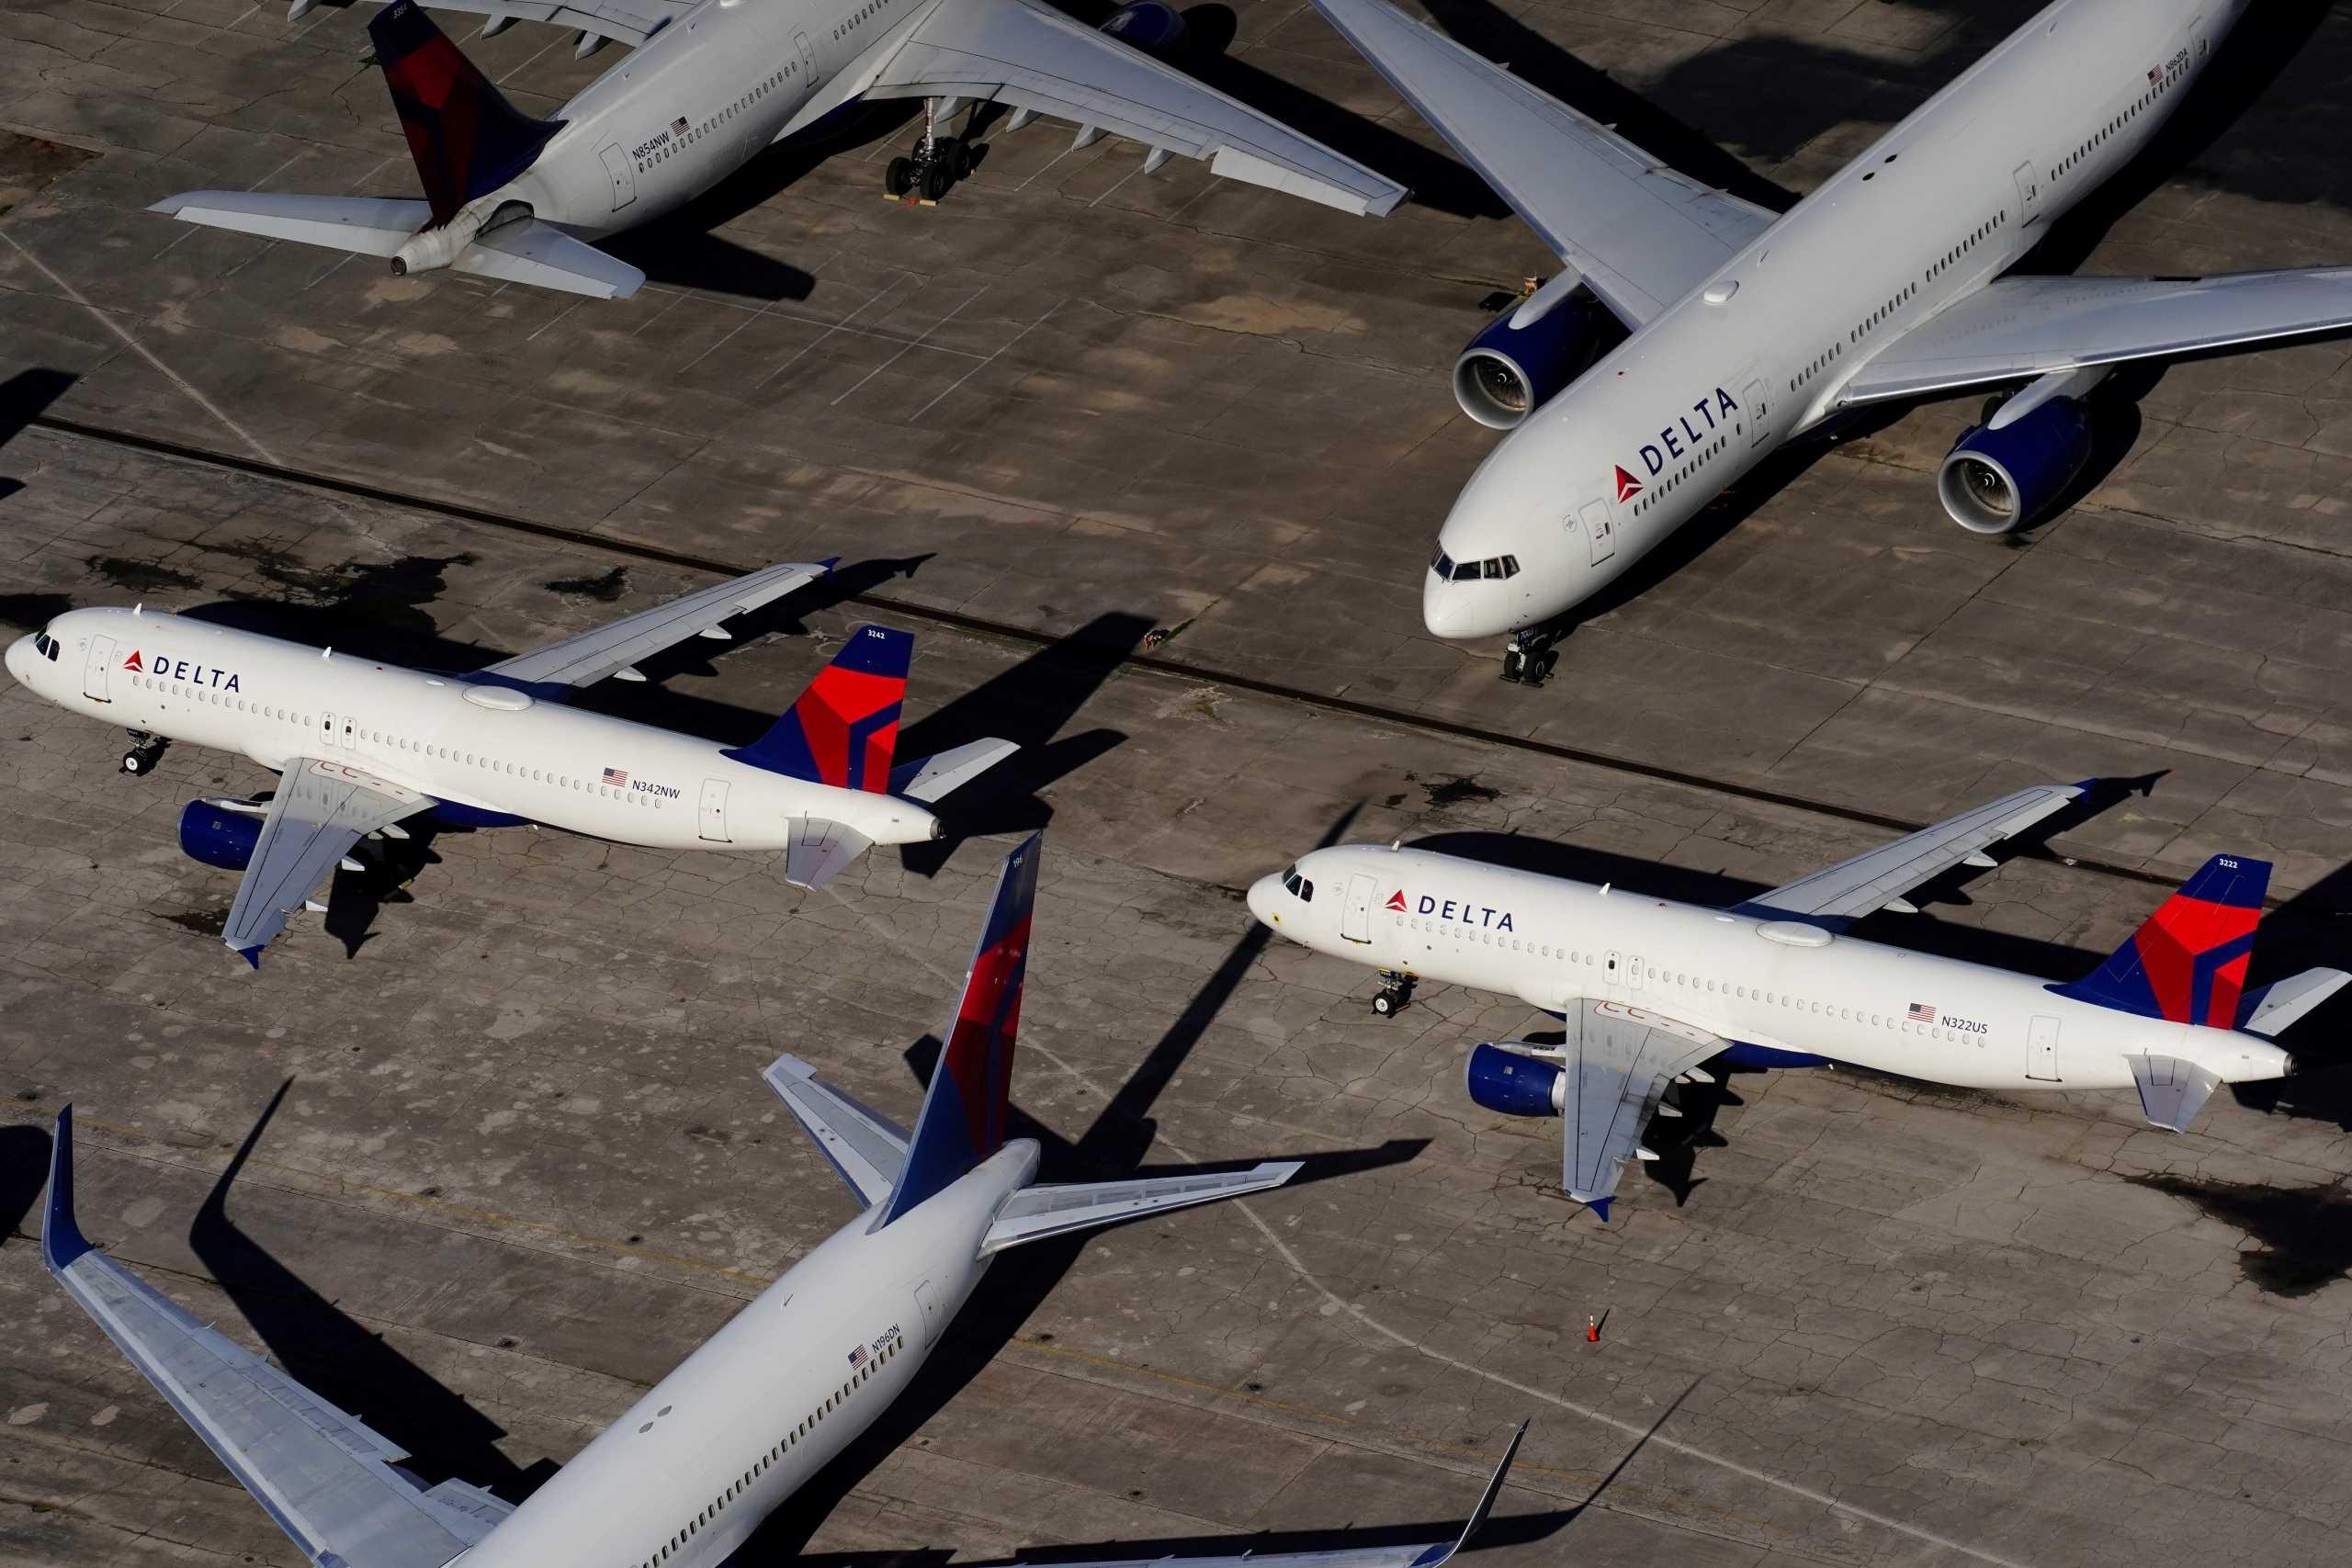 ΗΠΑ: Μόνο για πλήρως εμβολιασμένους οι νέες προσλήψεις από την Delta Air Lines